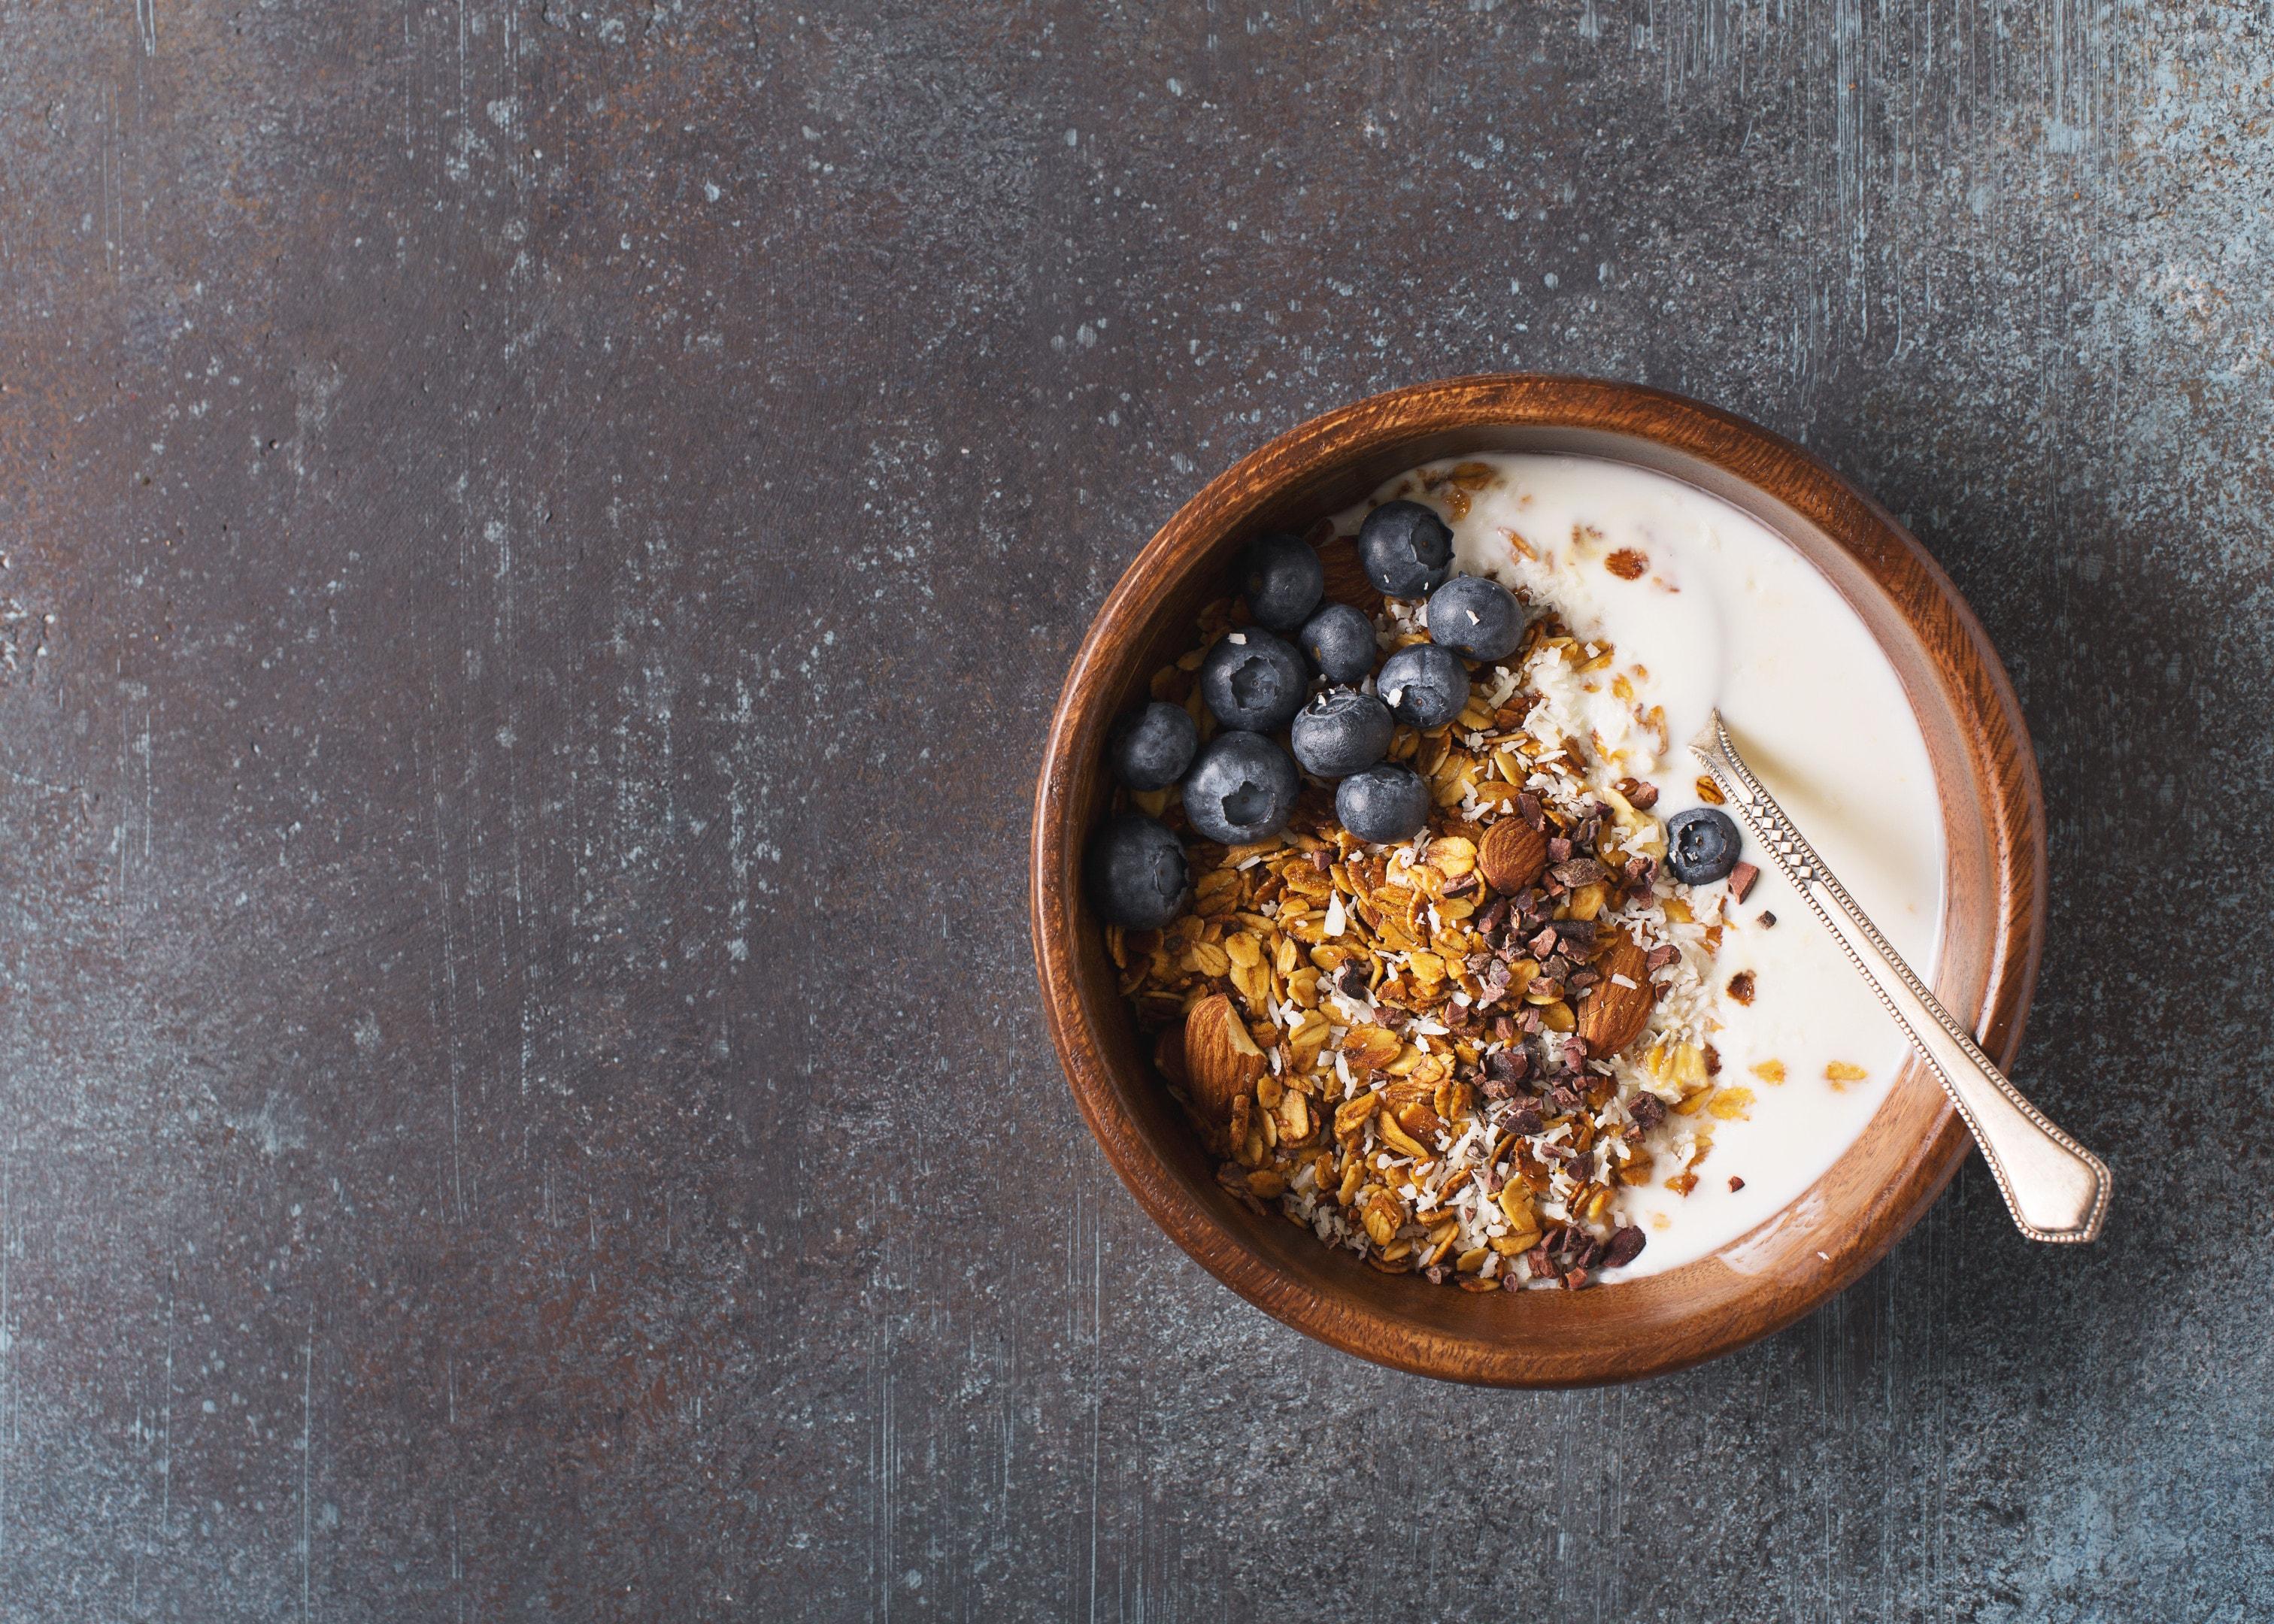 Homemade granola muesli with blueberries